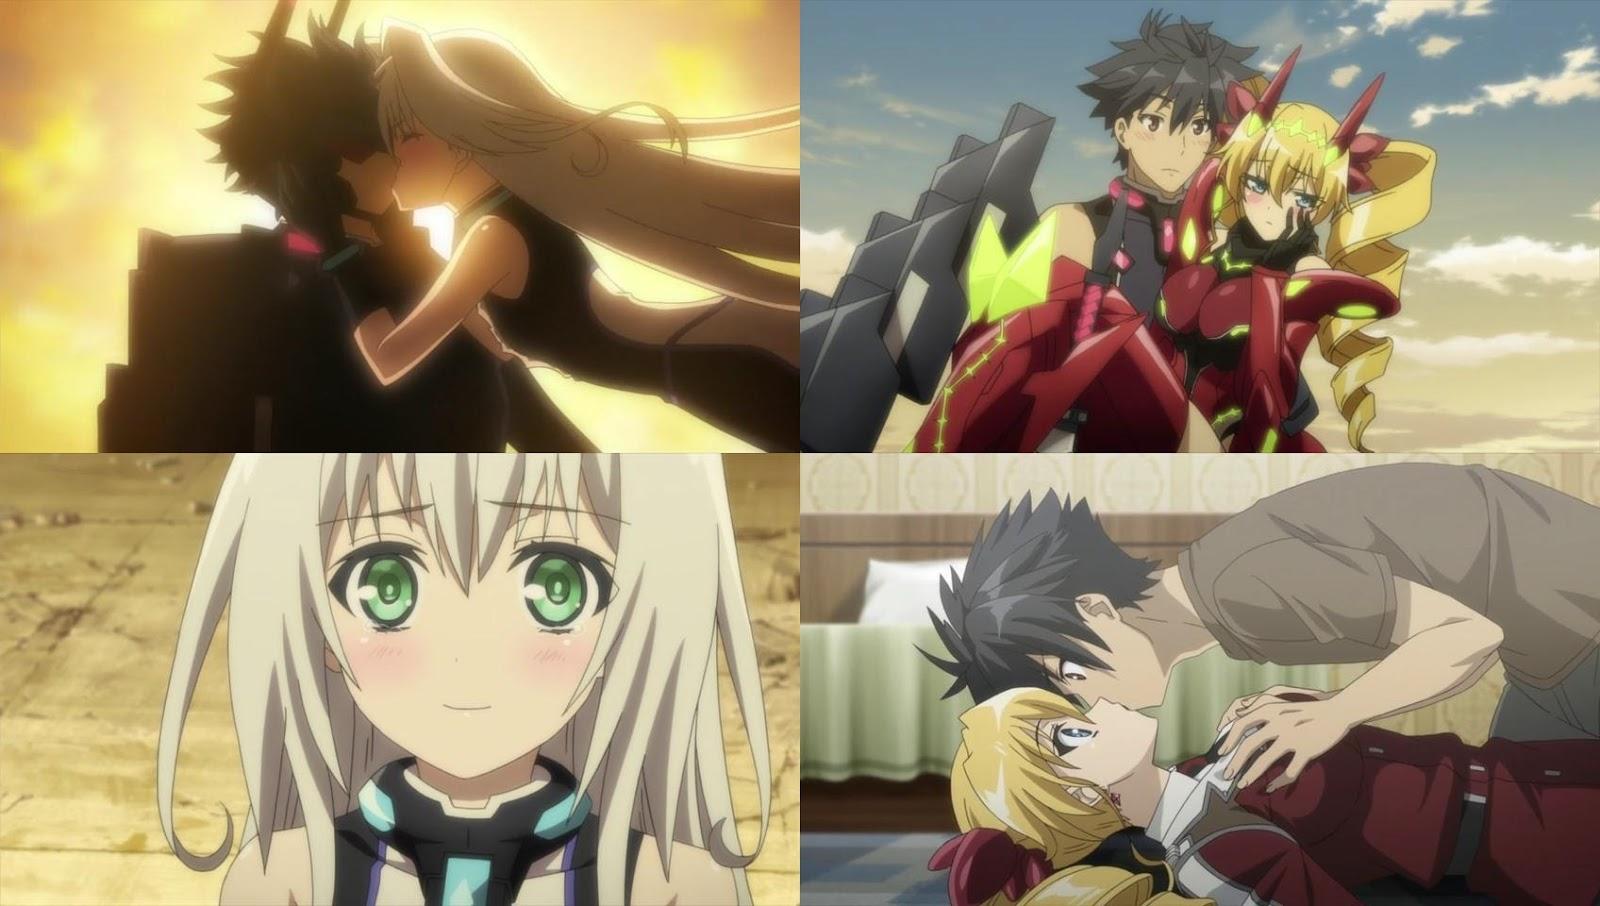 O Anime Ação/harém/romance